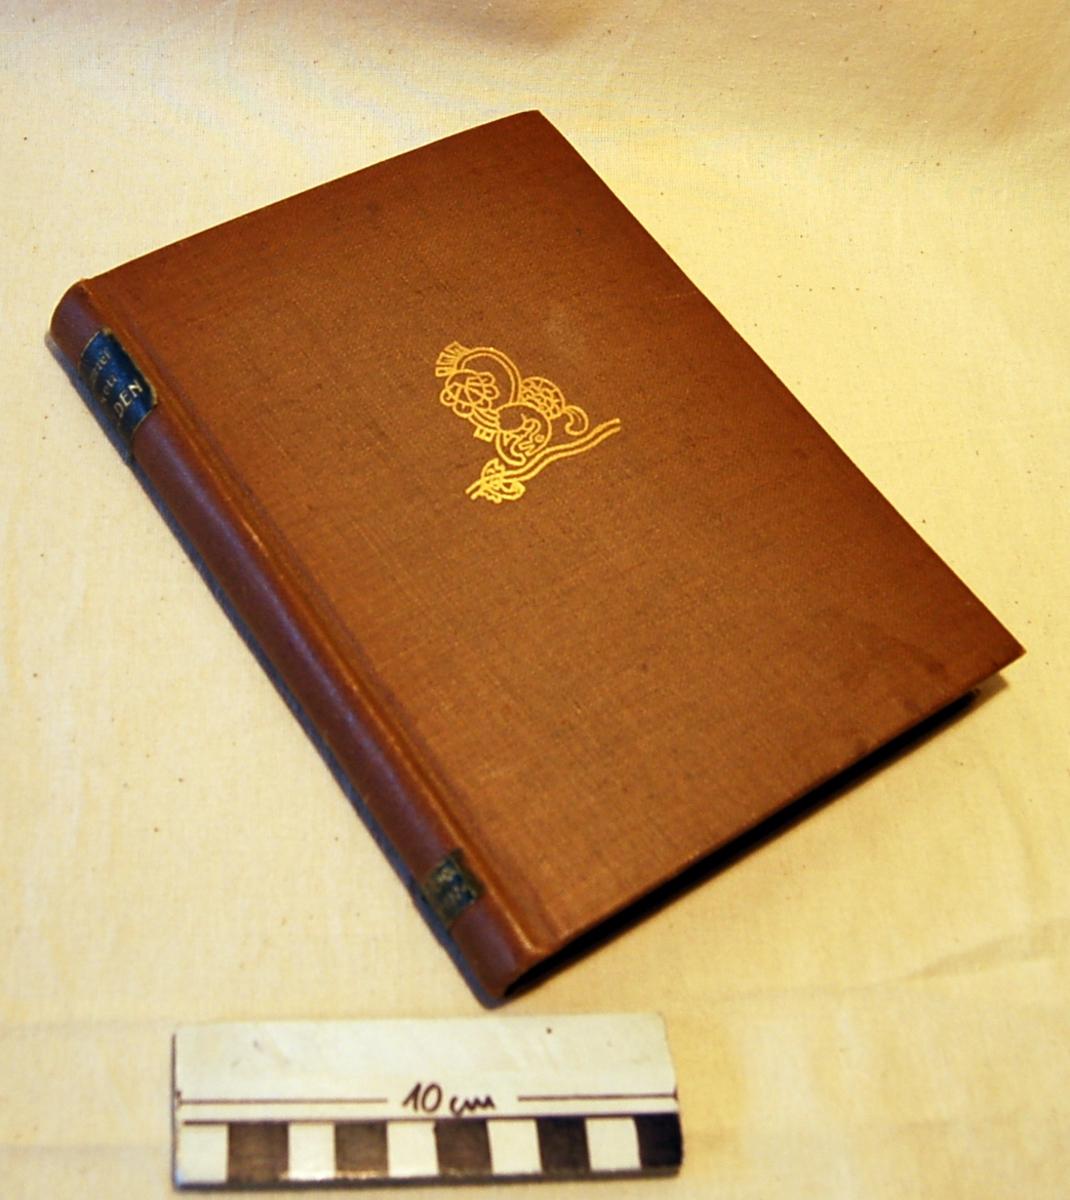 På bokens forside er et stilisert motiv